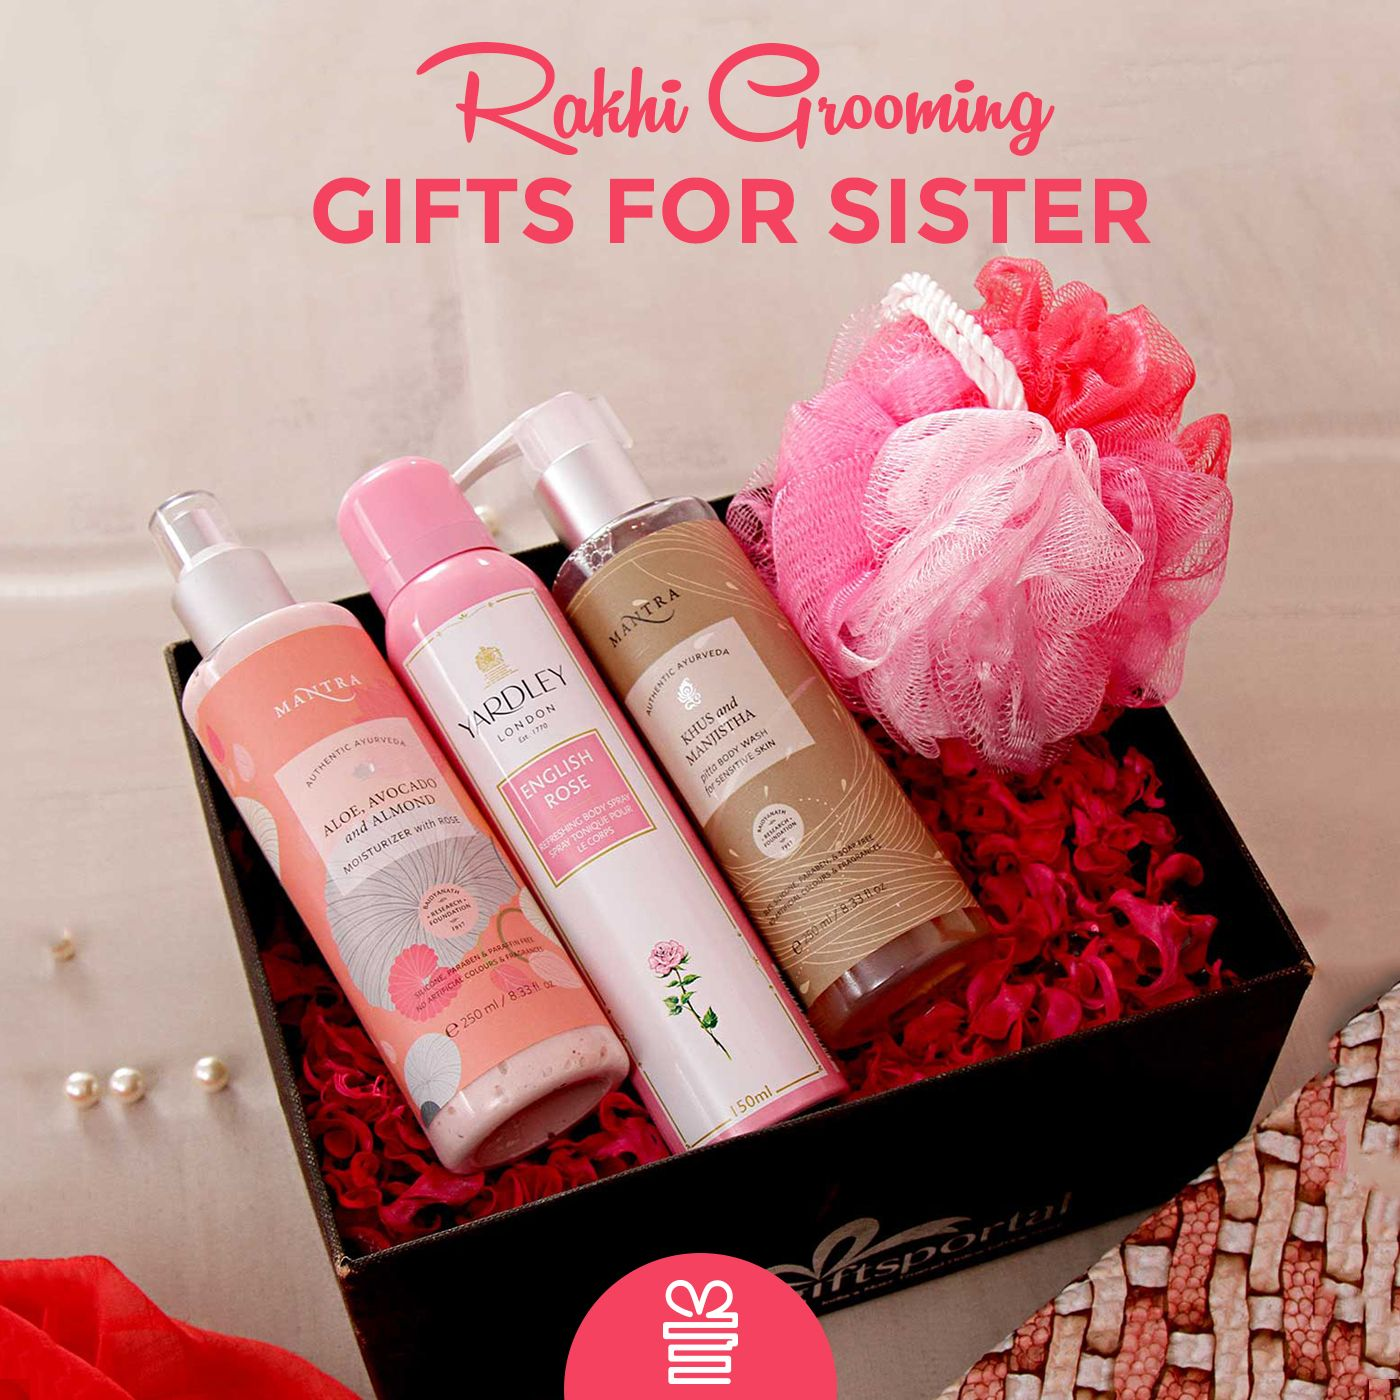 Rakhi Gifts For Sister Best Raksha Bandhan Gifts For Sister Rakhi Gifts For Sister Rakhi Gifts Gifts For Sister